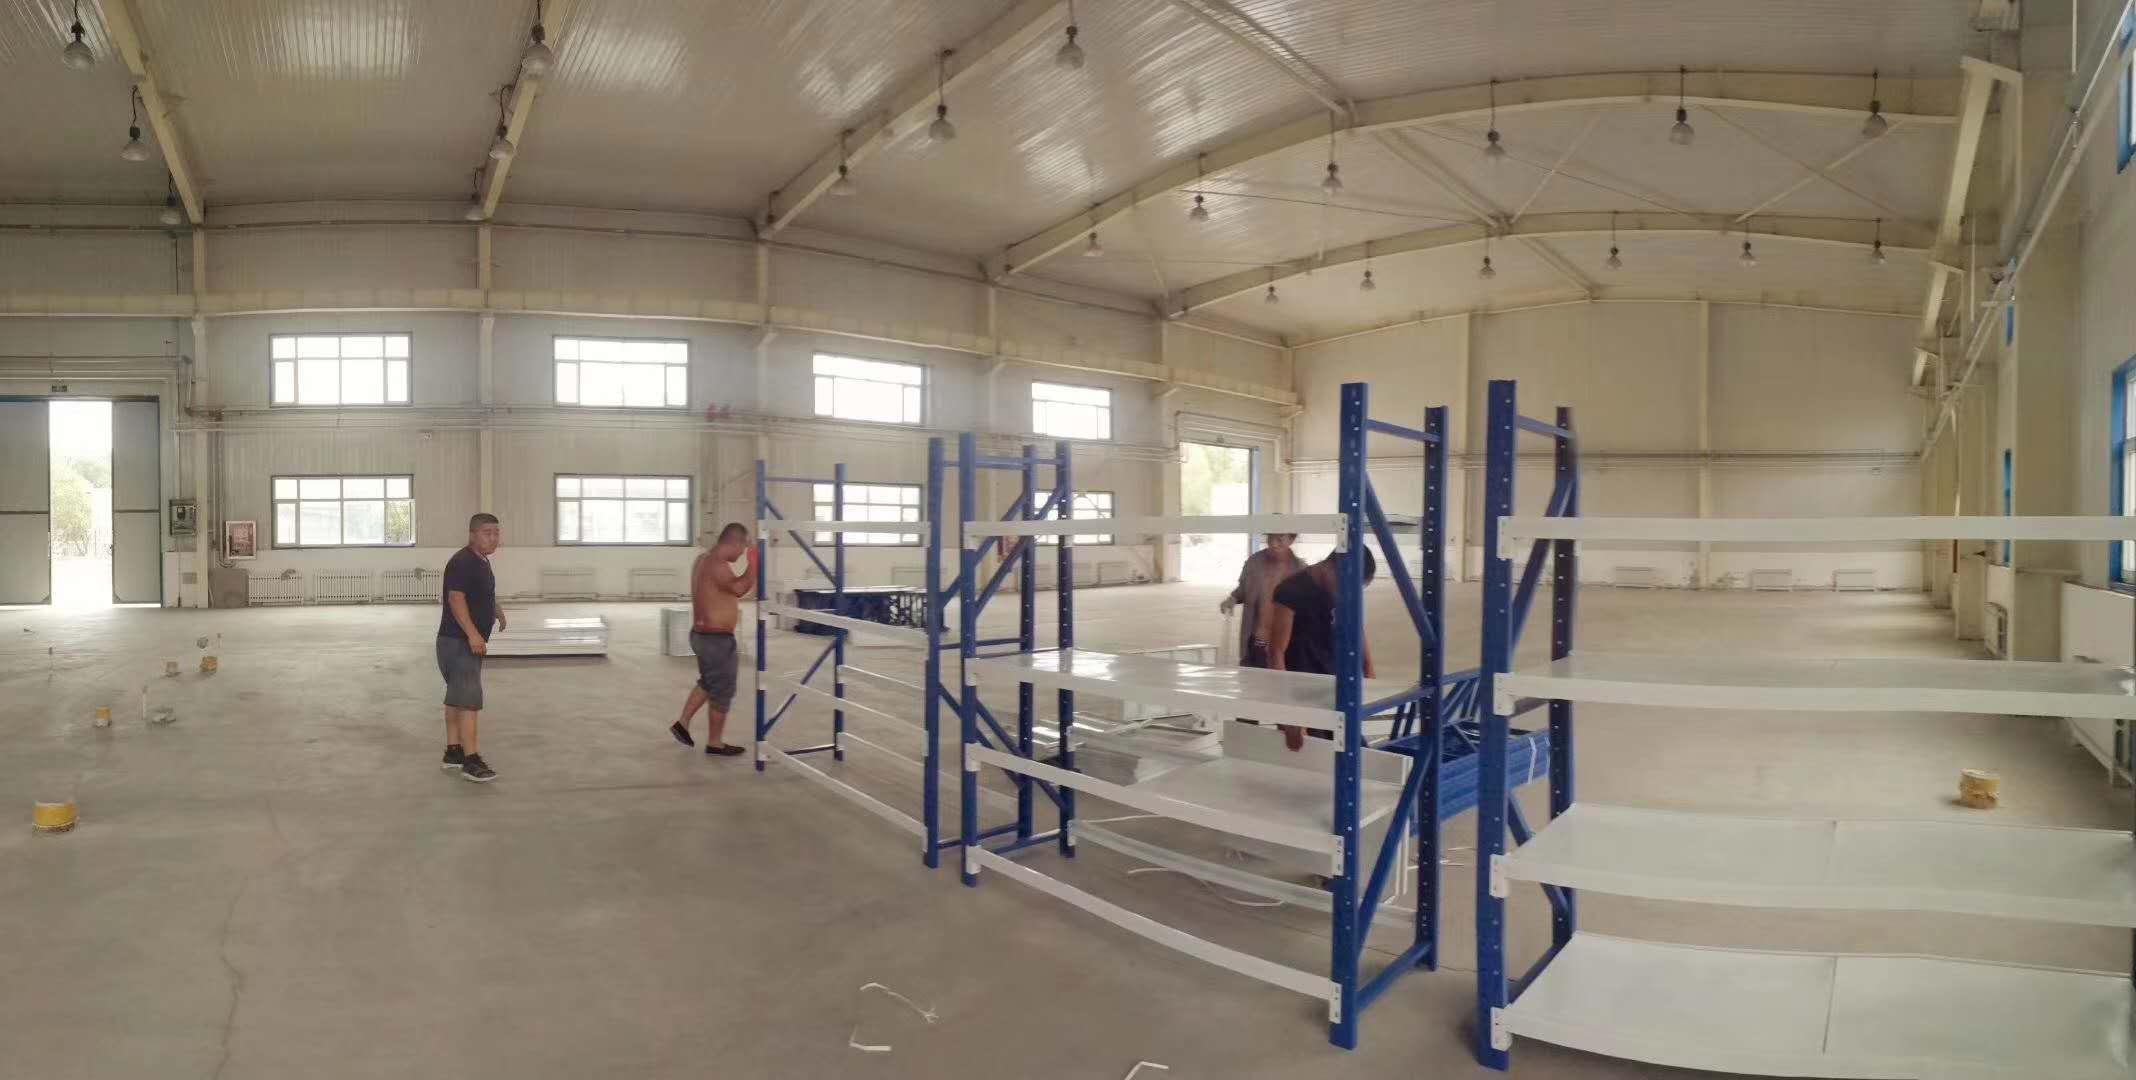 电商一件代发厂家_服装仓储与配送服务公司-新疆洲际云仓供应链管理有限公司